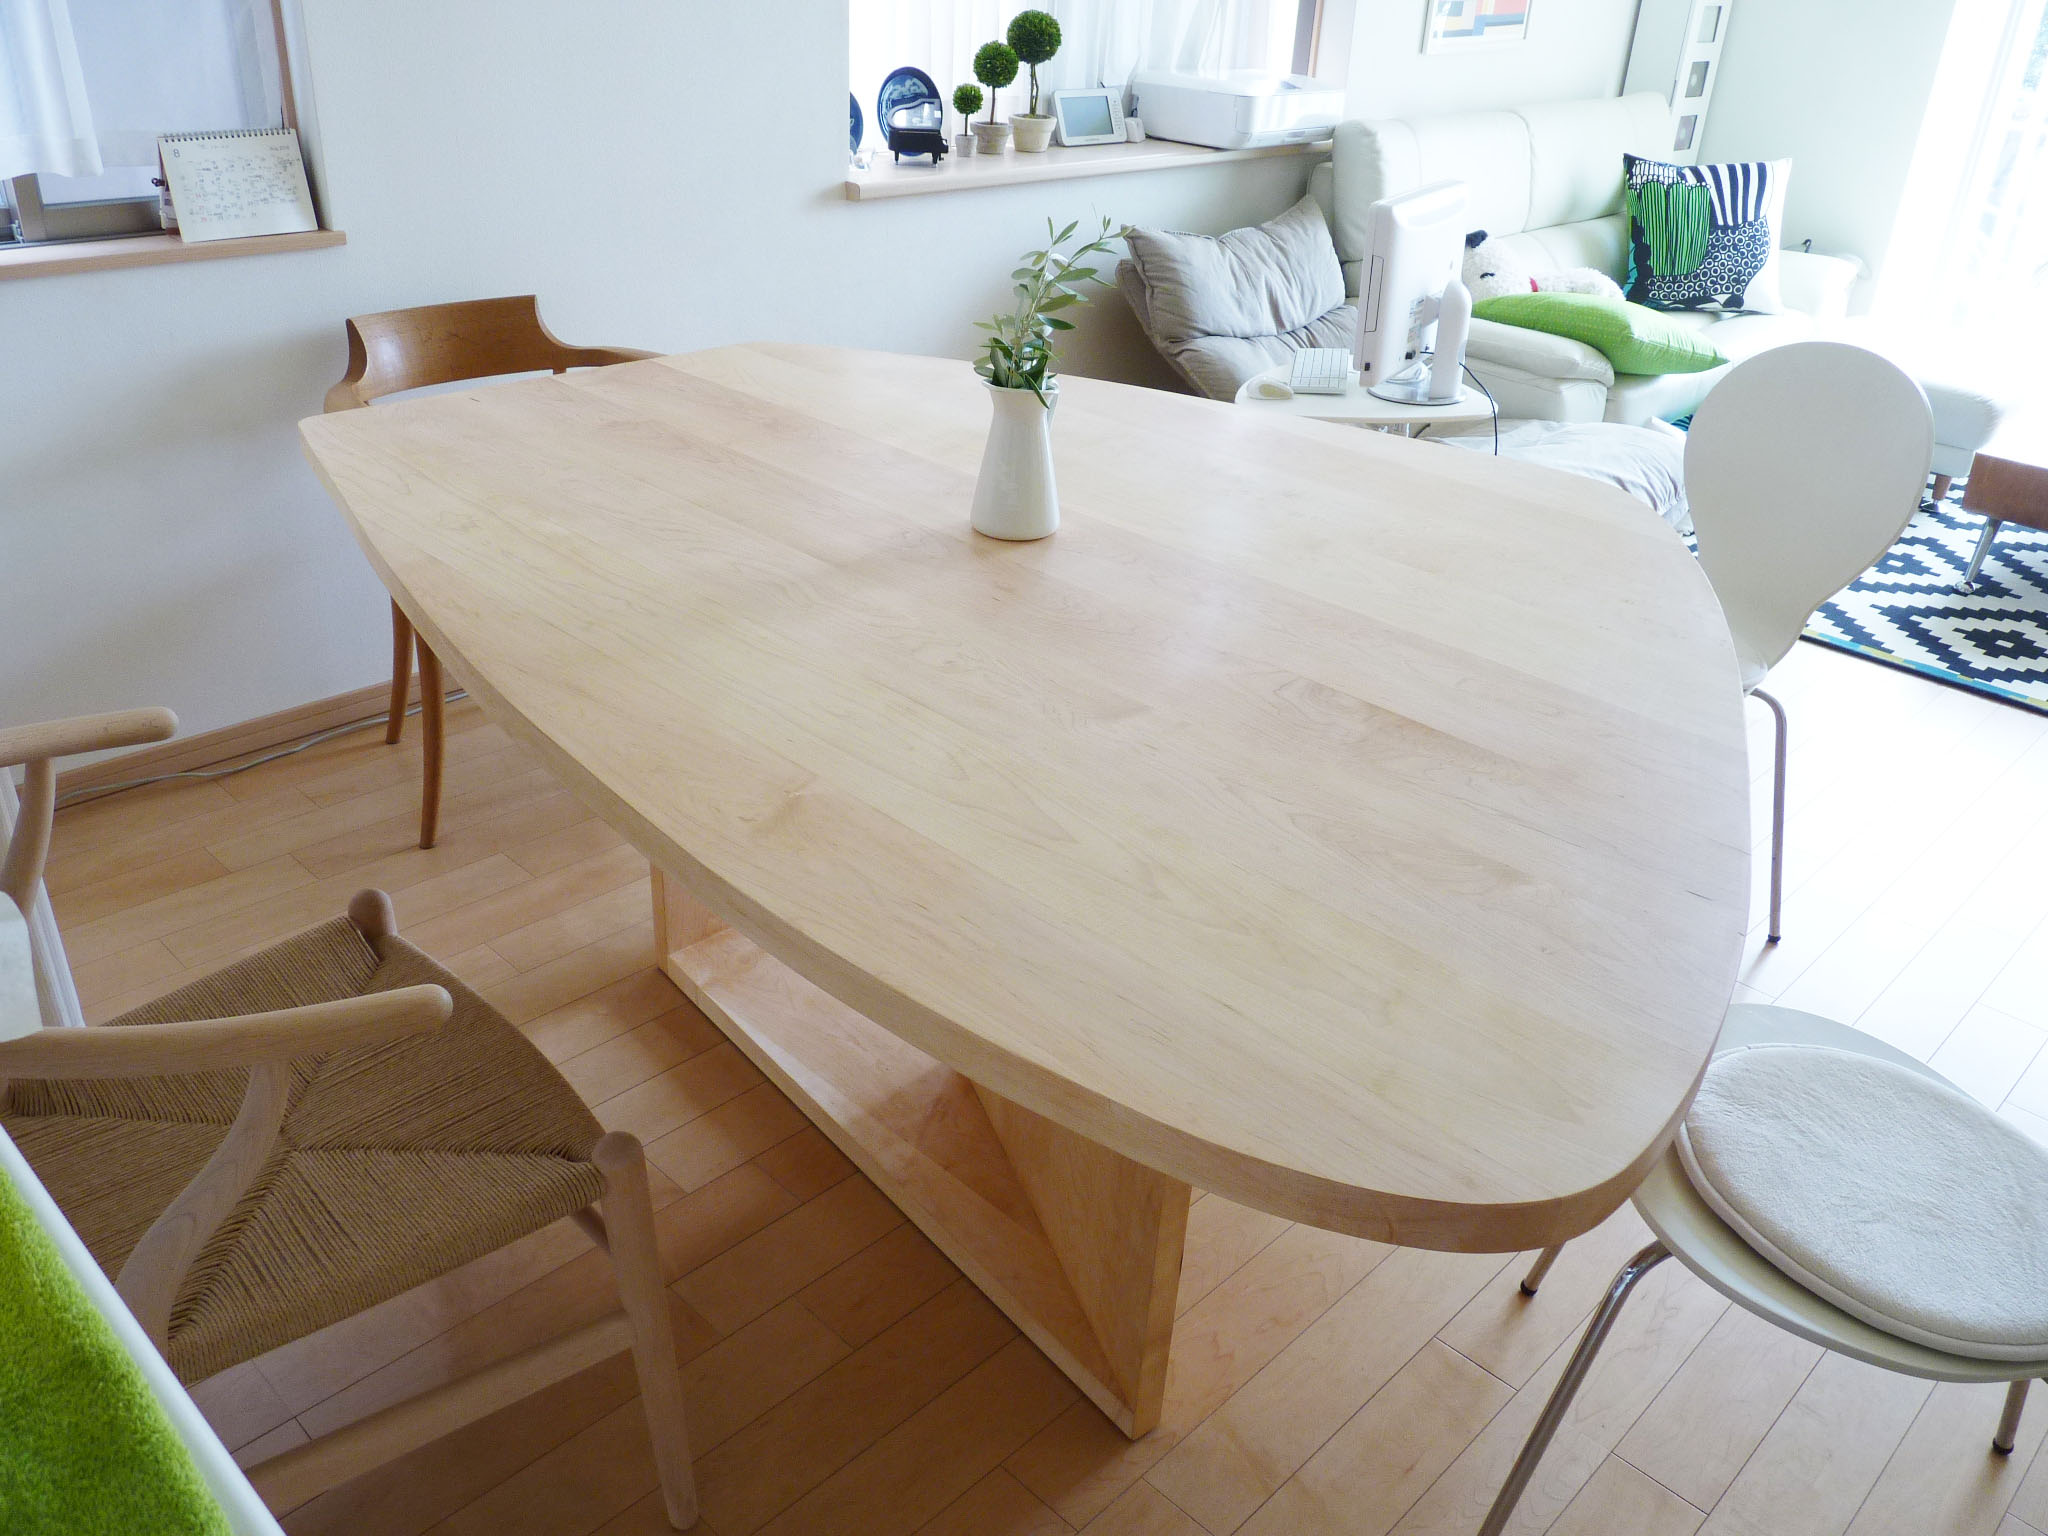 じざい工房 小林康文が作るダイニングテーブル